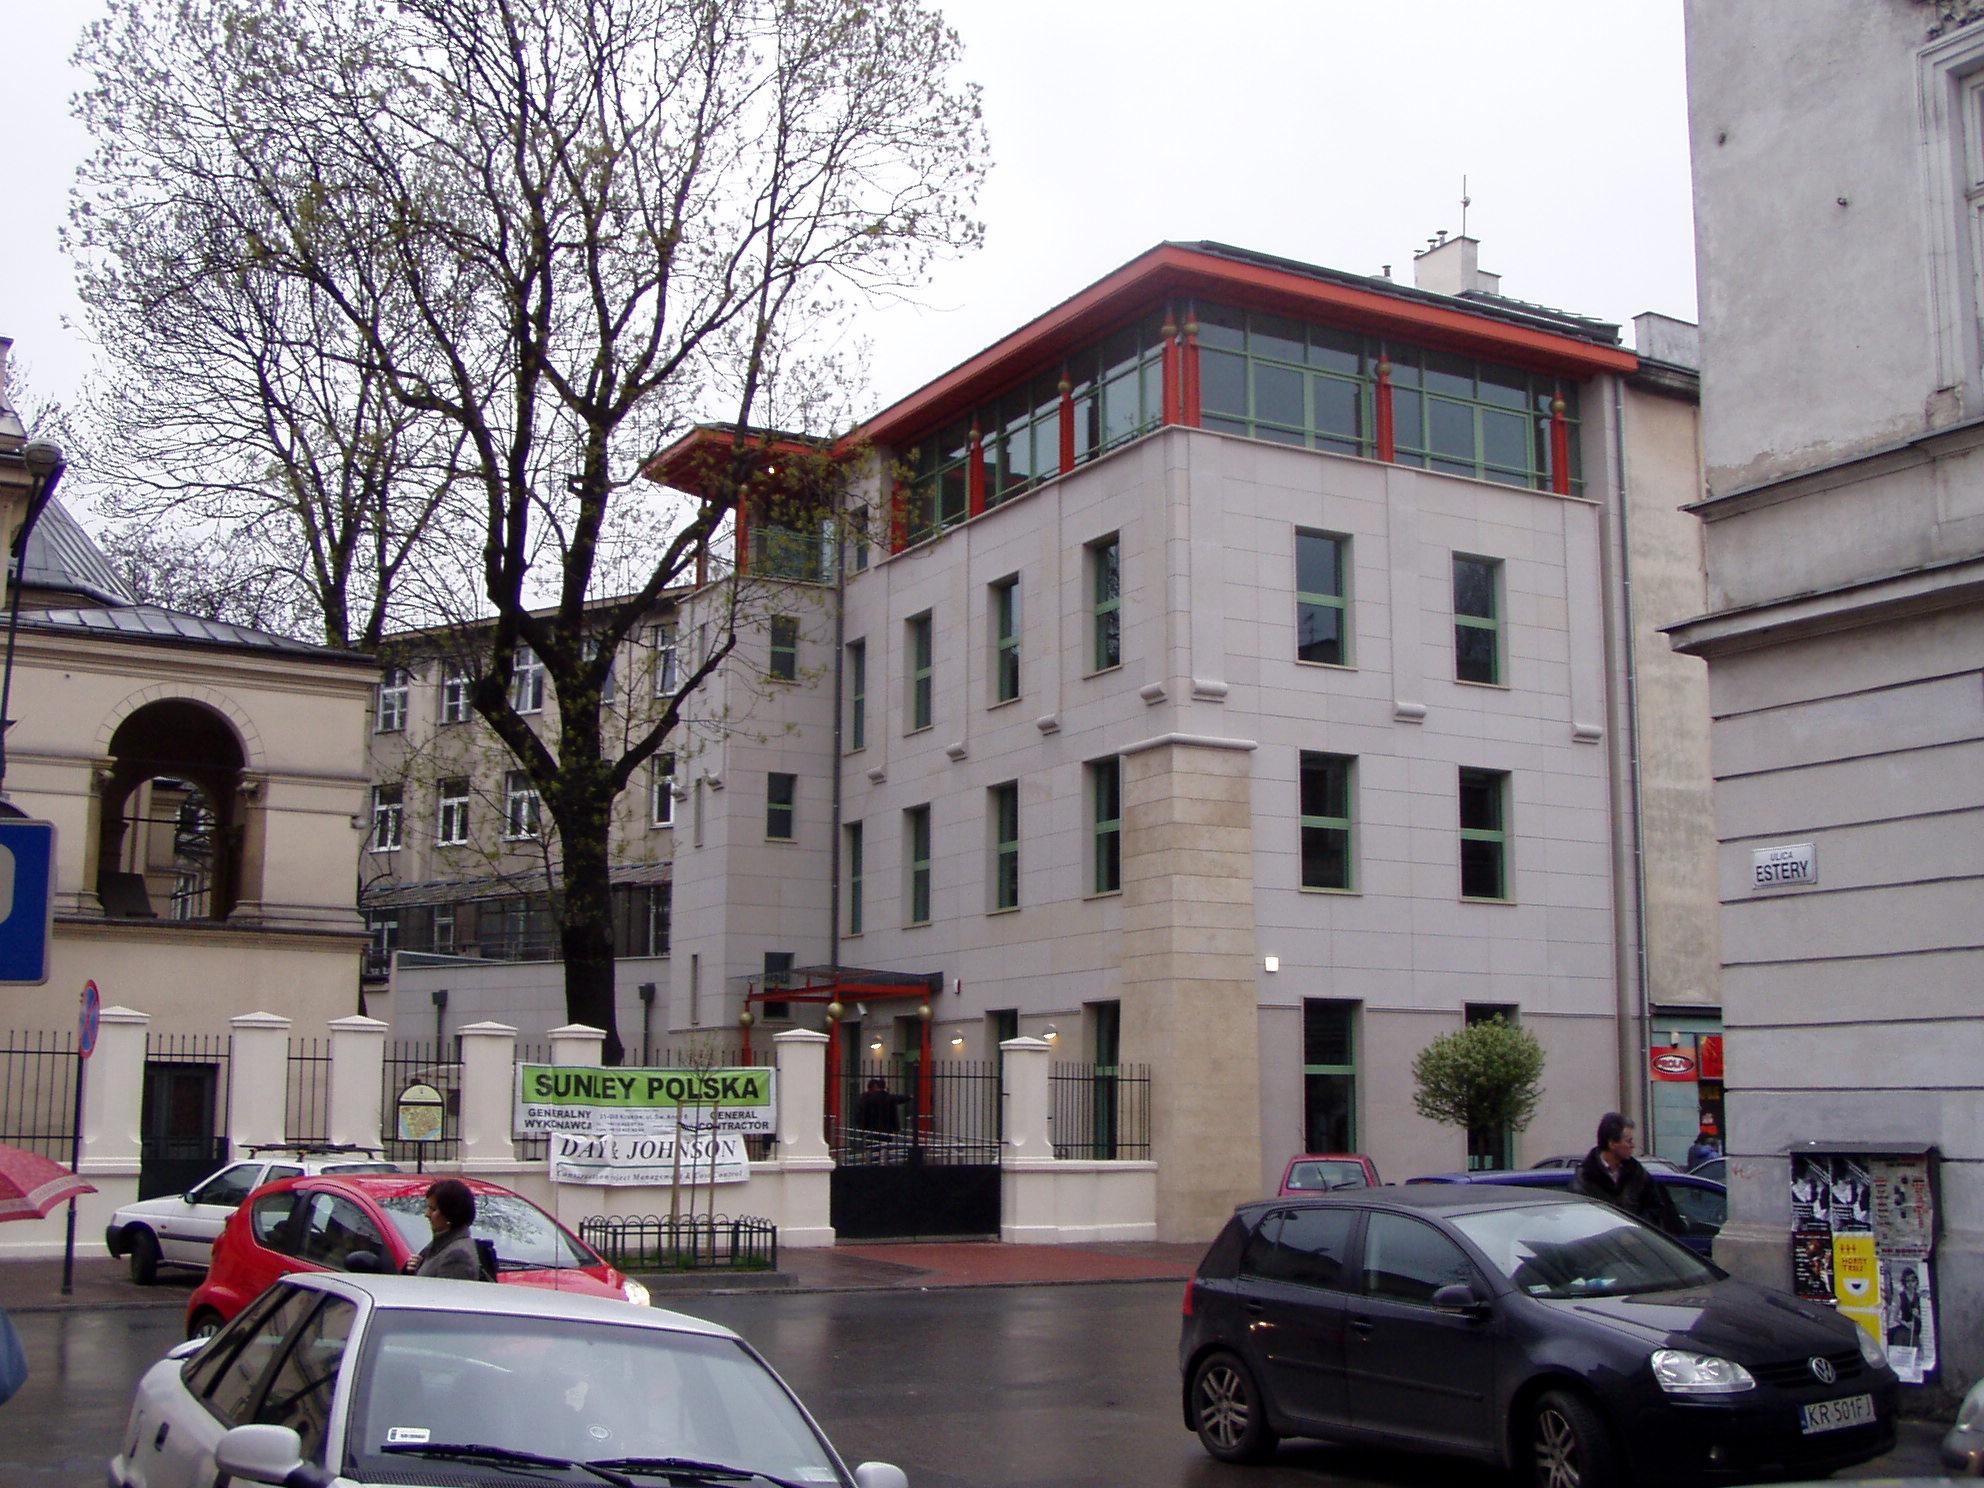 Centrum Społeczności żydowskiej W Krakowie Wikipedia